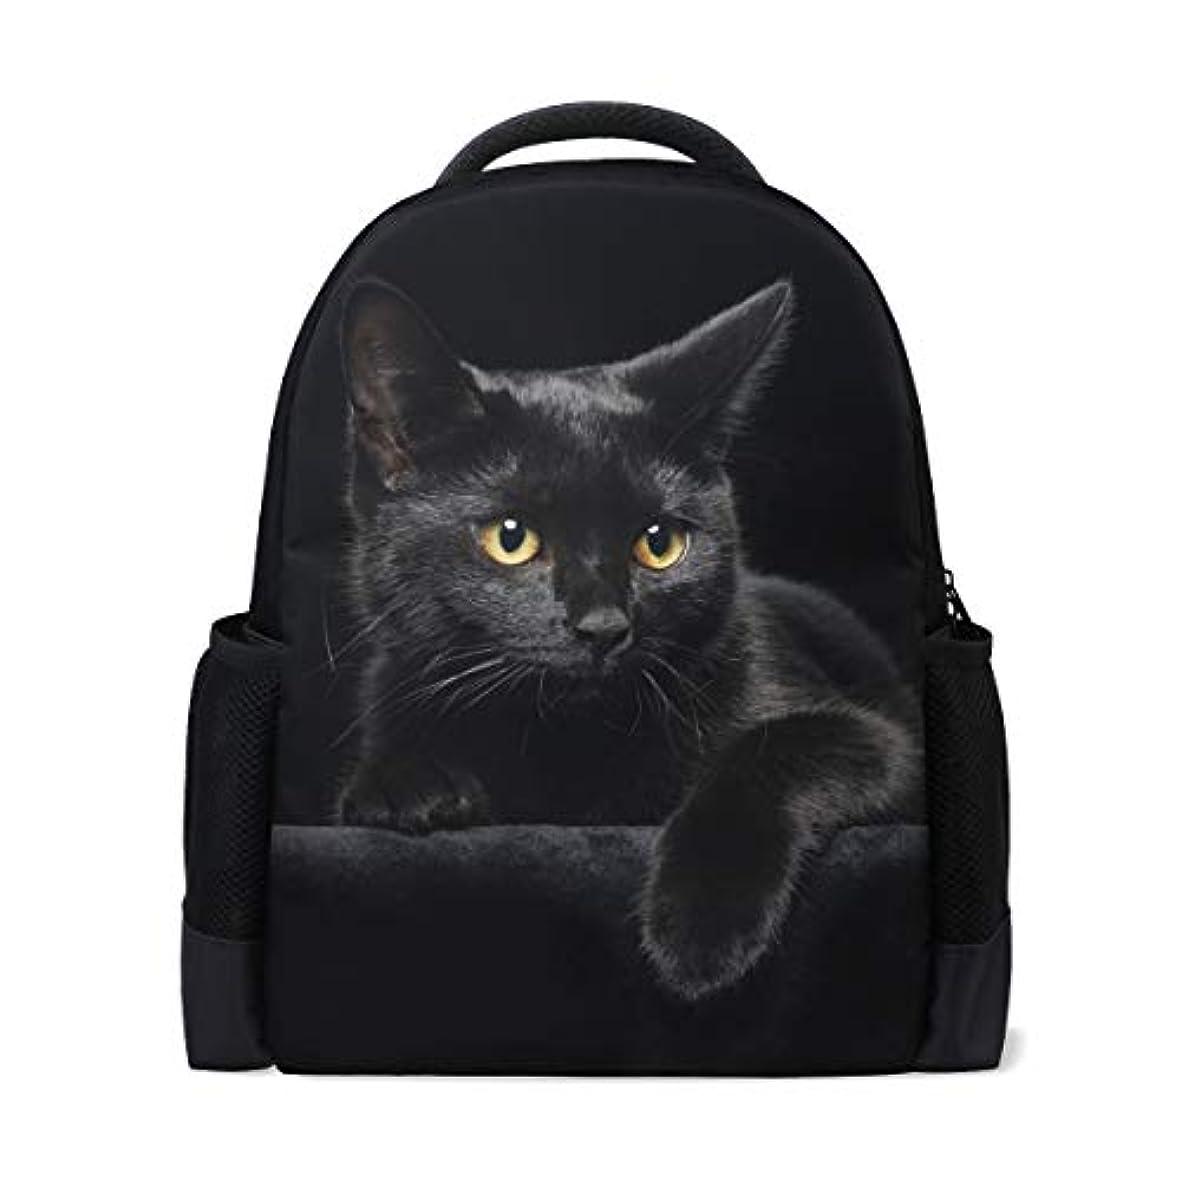 メイド克服する誓いSAMAU リュック おしゃれ リュックサック 軽量 大容量 黒猫 猫柄 通学 通勤 旅行 プレゼント対応